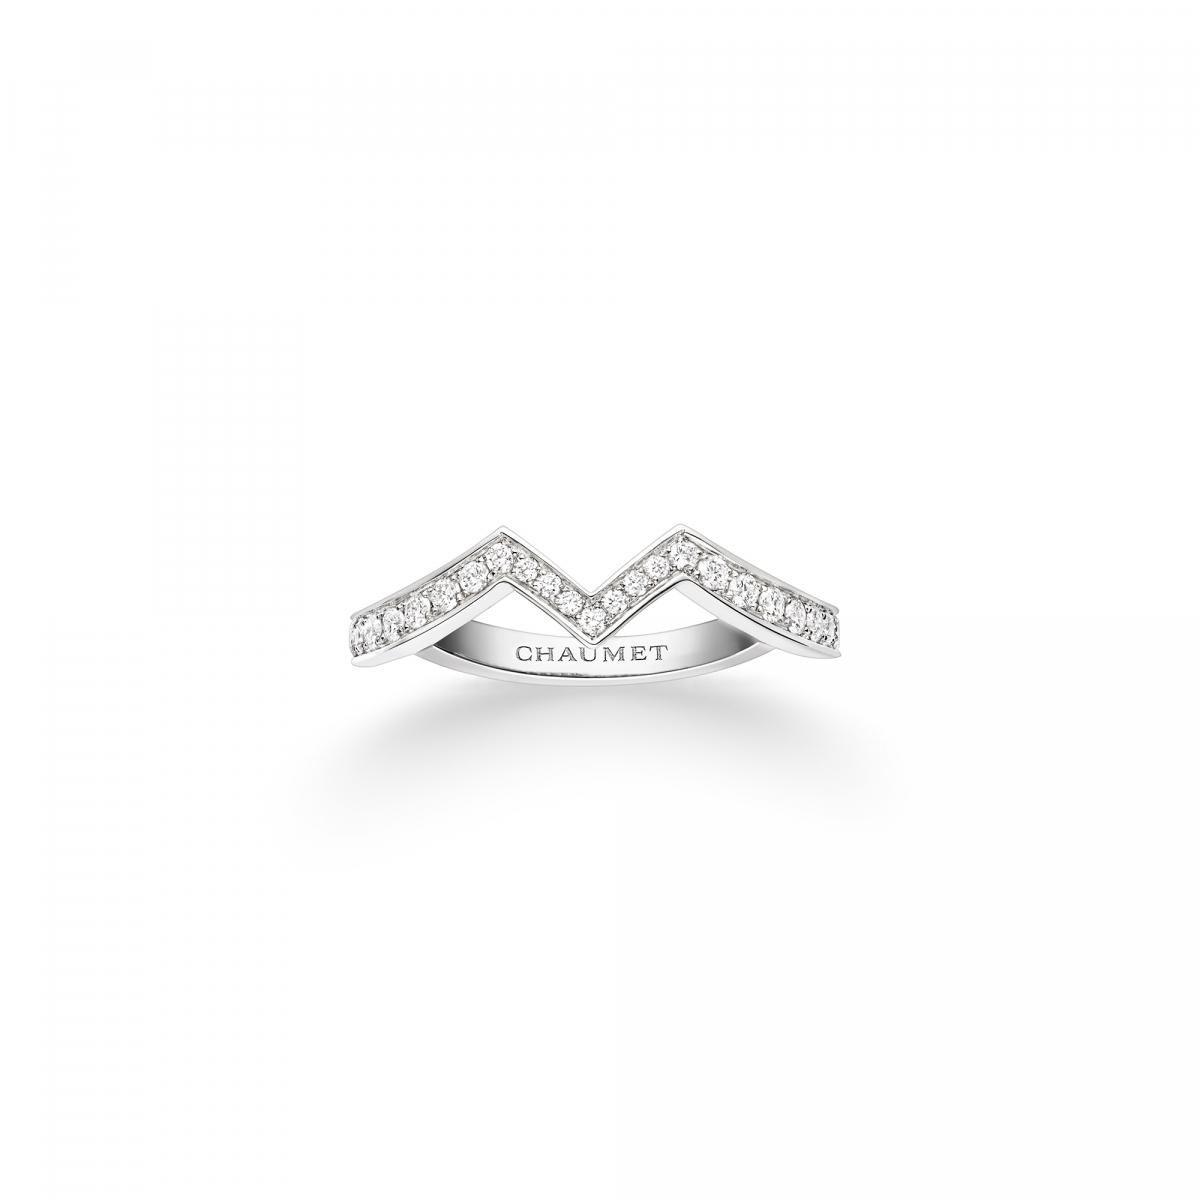 「ジョゼフィーヌ」コレクション アムール デグレット バンドーリング〈Pt、ダイヤモンド〉¥353,000